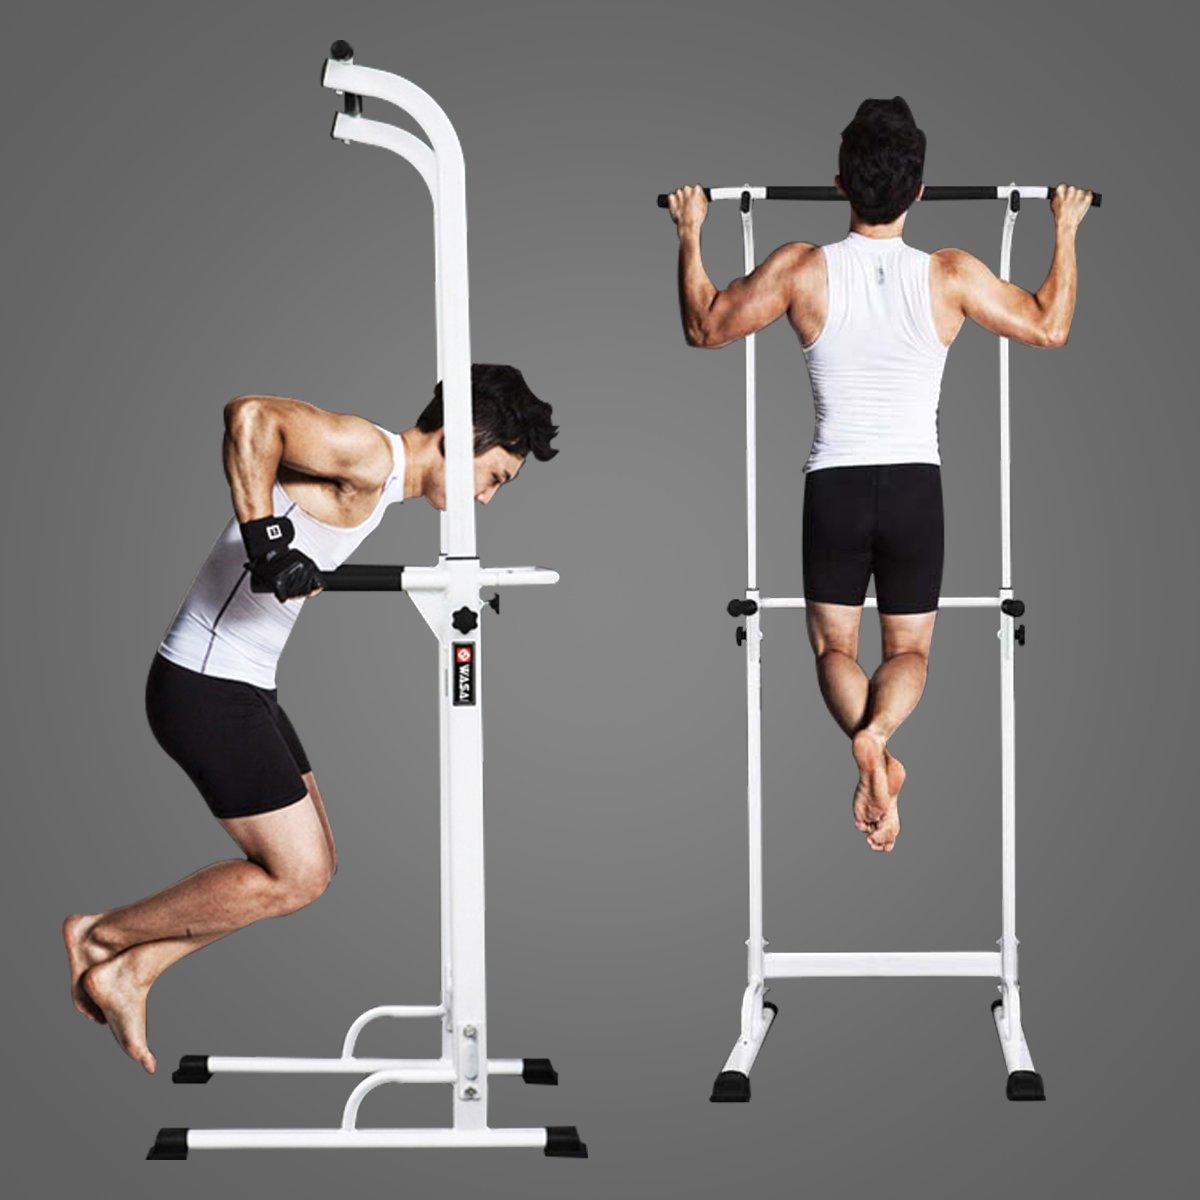 WASAI(ワサイ)ぶら下がり健康器 懸垂マシン 背筋運動 30W 筋肉伸ばし